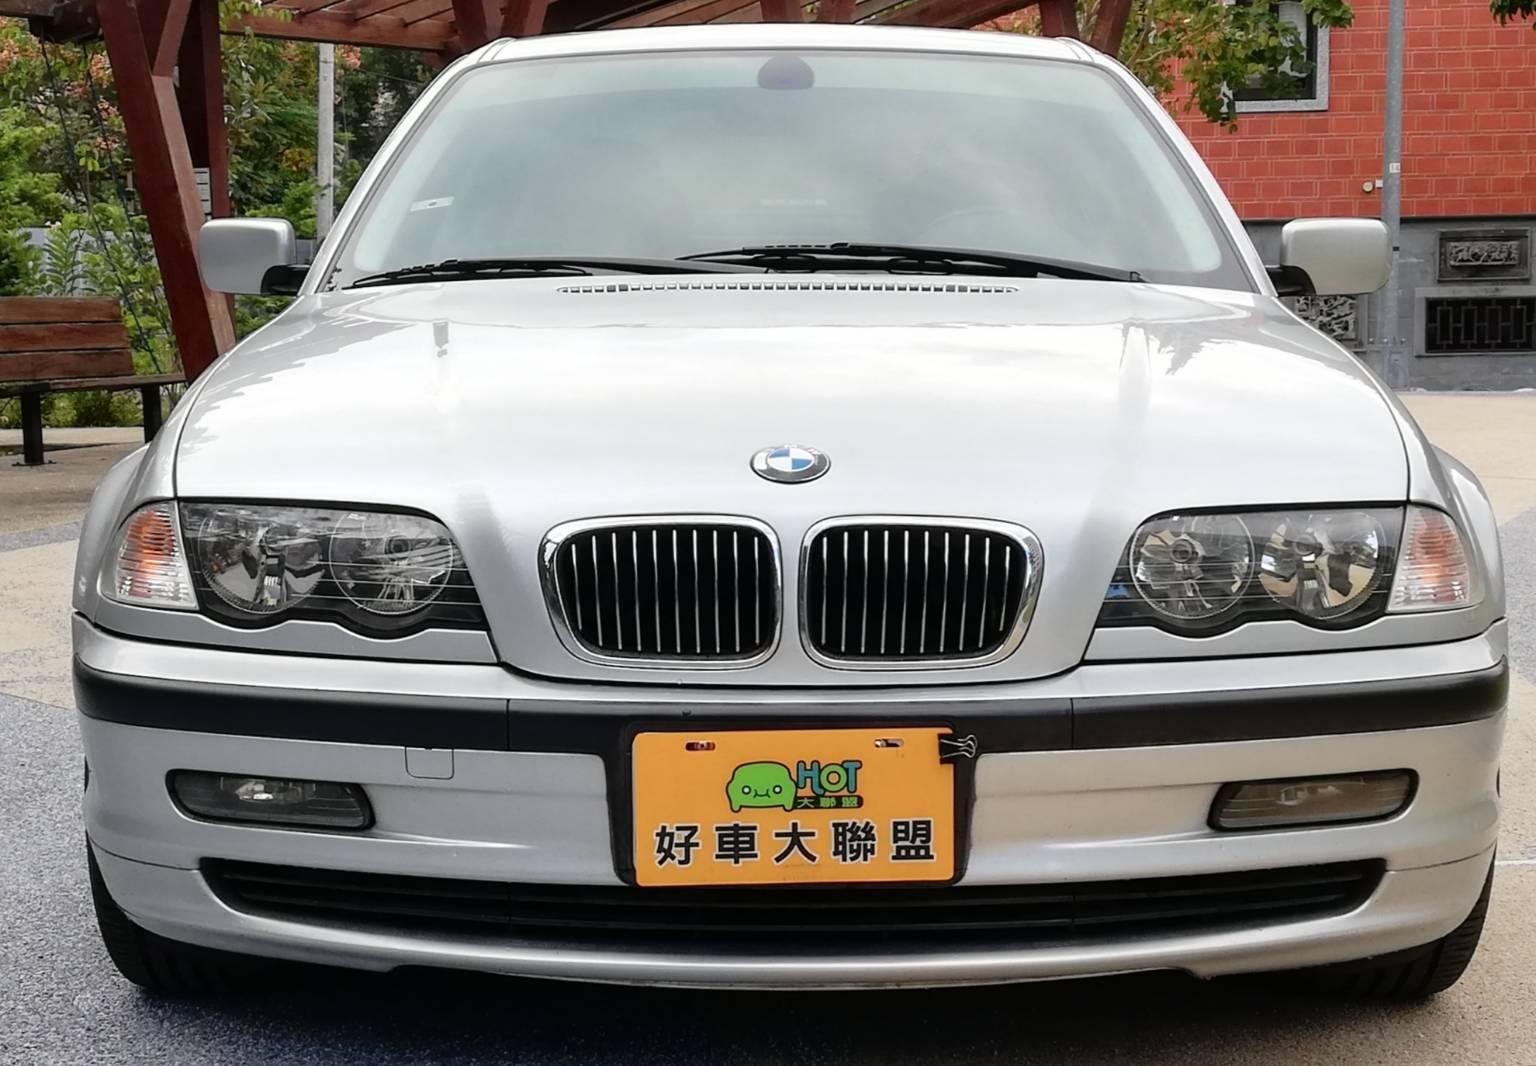 2001 BMW 寶馬 3-series sedan